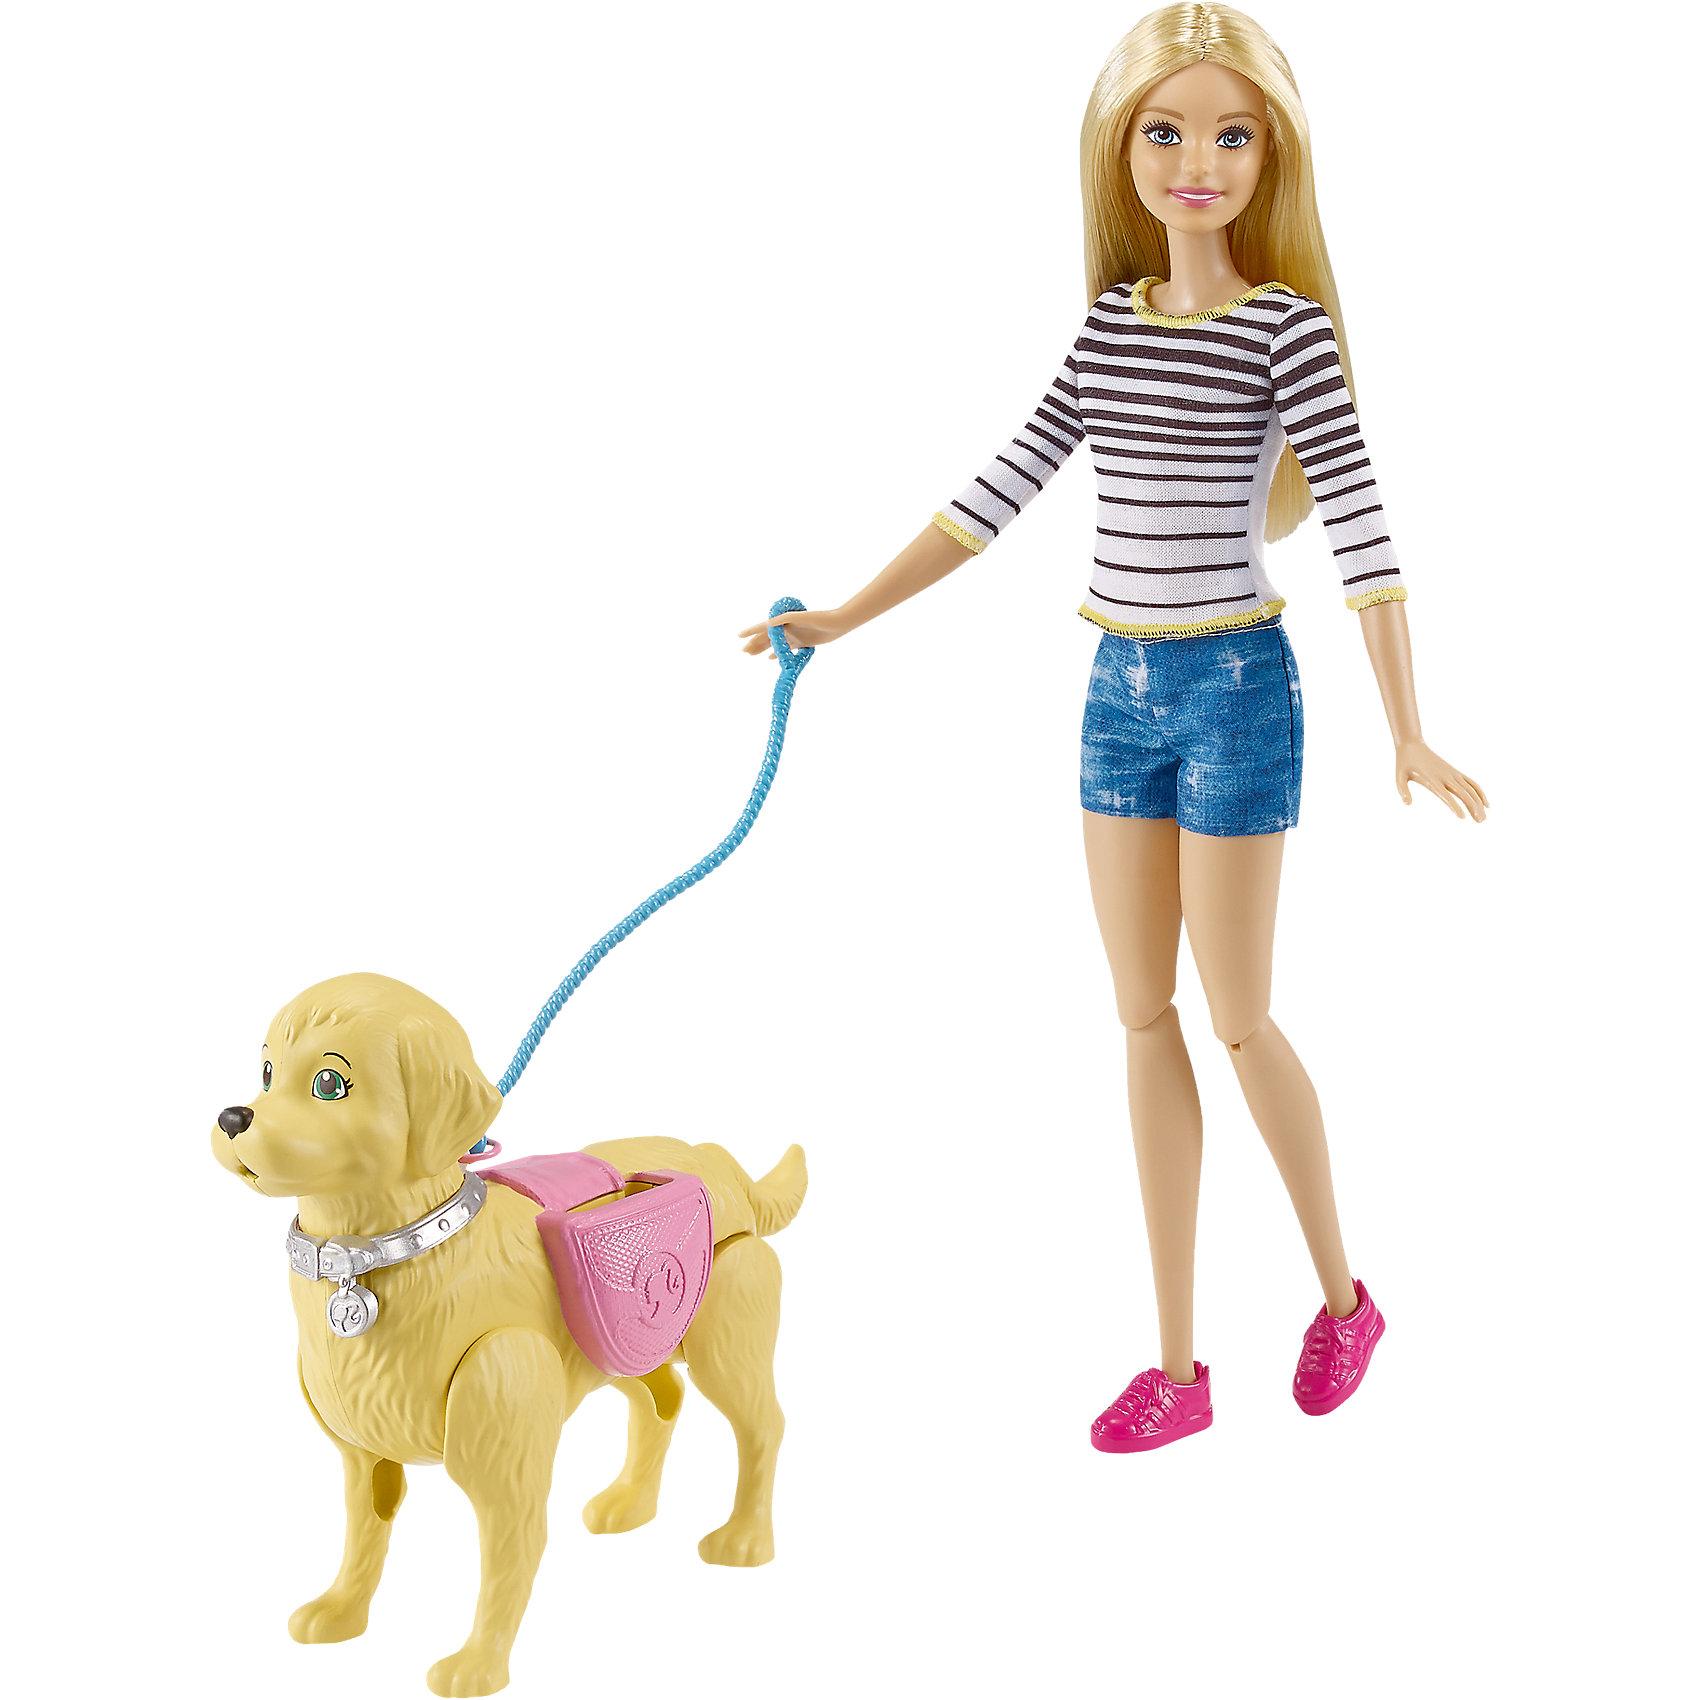 Игровой набор Прогулка с питомцем, BarbieBarbie<br>Игровой набор Прогулка с питомцем, Barbie (Барби)<br><br>Характеристики:<br><br>• реалистичная прогулка с питомцем<br>• в комплекте: кукла, собака, аксессуары<br>• материал: пластик<br>• размер упаковки: 32х23х7 см<br>• вес: 360 грамм<br><br>Барби очень любит своего домашнего питомца, собаку, и не забывает заботиться о нем. Для прогулки она надела модный полосатый топ, удобные ботиночки и джинсовые шорты. Если собака захочет в туалет, достаточно нажать ей на хвостик. И не забудьте убрать за ней с помощью специального совочка и щетки! После прогулки послушного питомца можно наградить вкусной косточкой и налить воды в миску. Большое количество аксессуаров придаст игре еще больше реалистичности и девочка сможет научиться ухаживать за домашними животными.<br><br>Игровой набор Прогулка с питомцем, Barbie (Барби) вы можете купить в нашем интернет-магазине.<br><br>Ширина мм: 326<br>Глубина мм: 231<br>Высота мм: 73<br>Вес г: 361<br>Возраст от месяцев: 36<br>Возраст до месяцев: 72<br>Пол: Женский<br>Возраст: Детский<br>SKU: 5089088